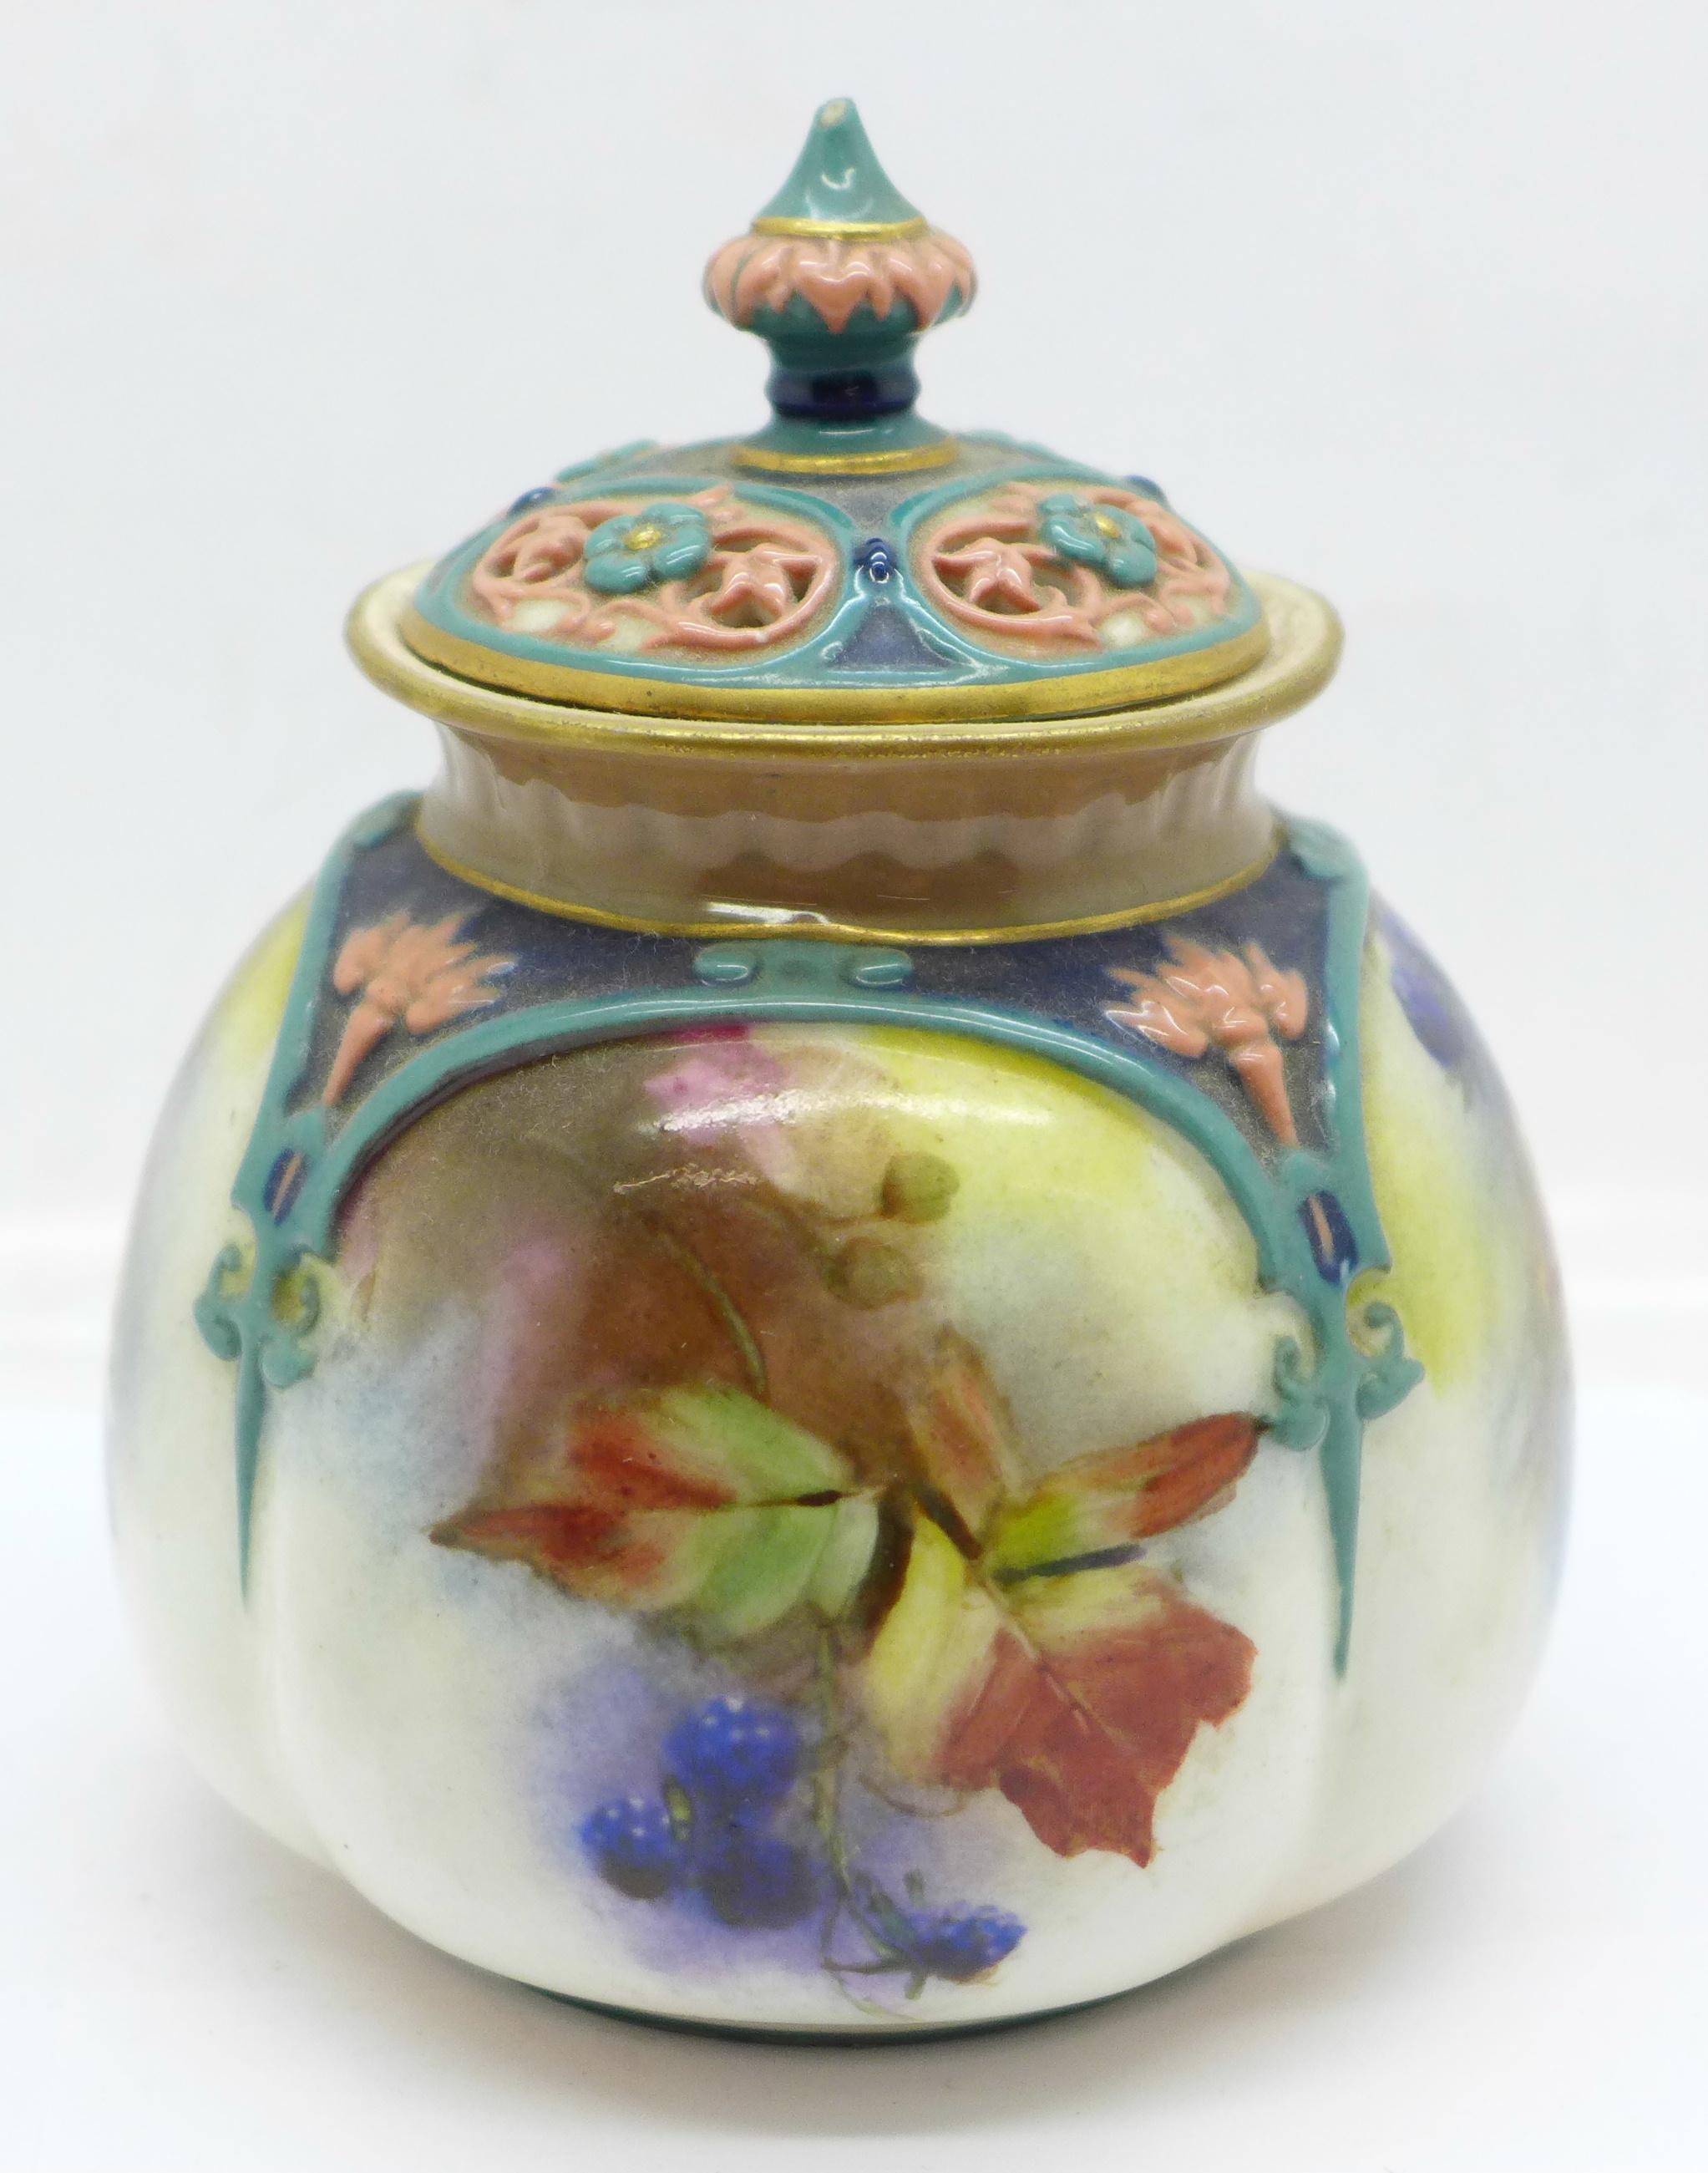 A Hadley's Worcester pot pourri